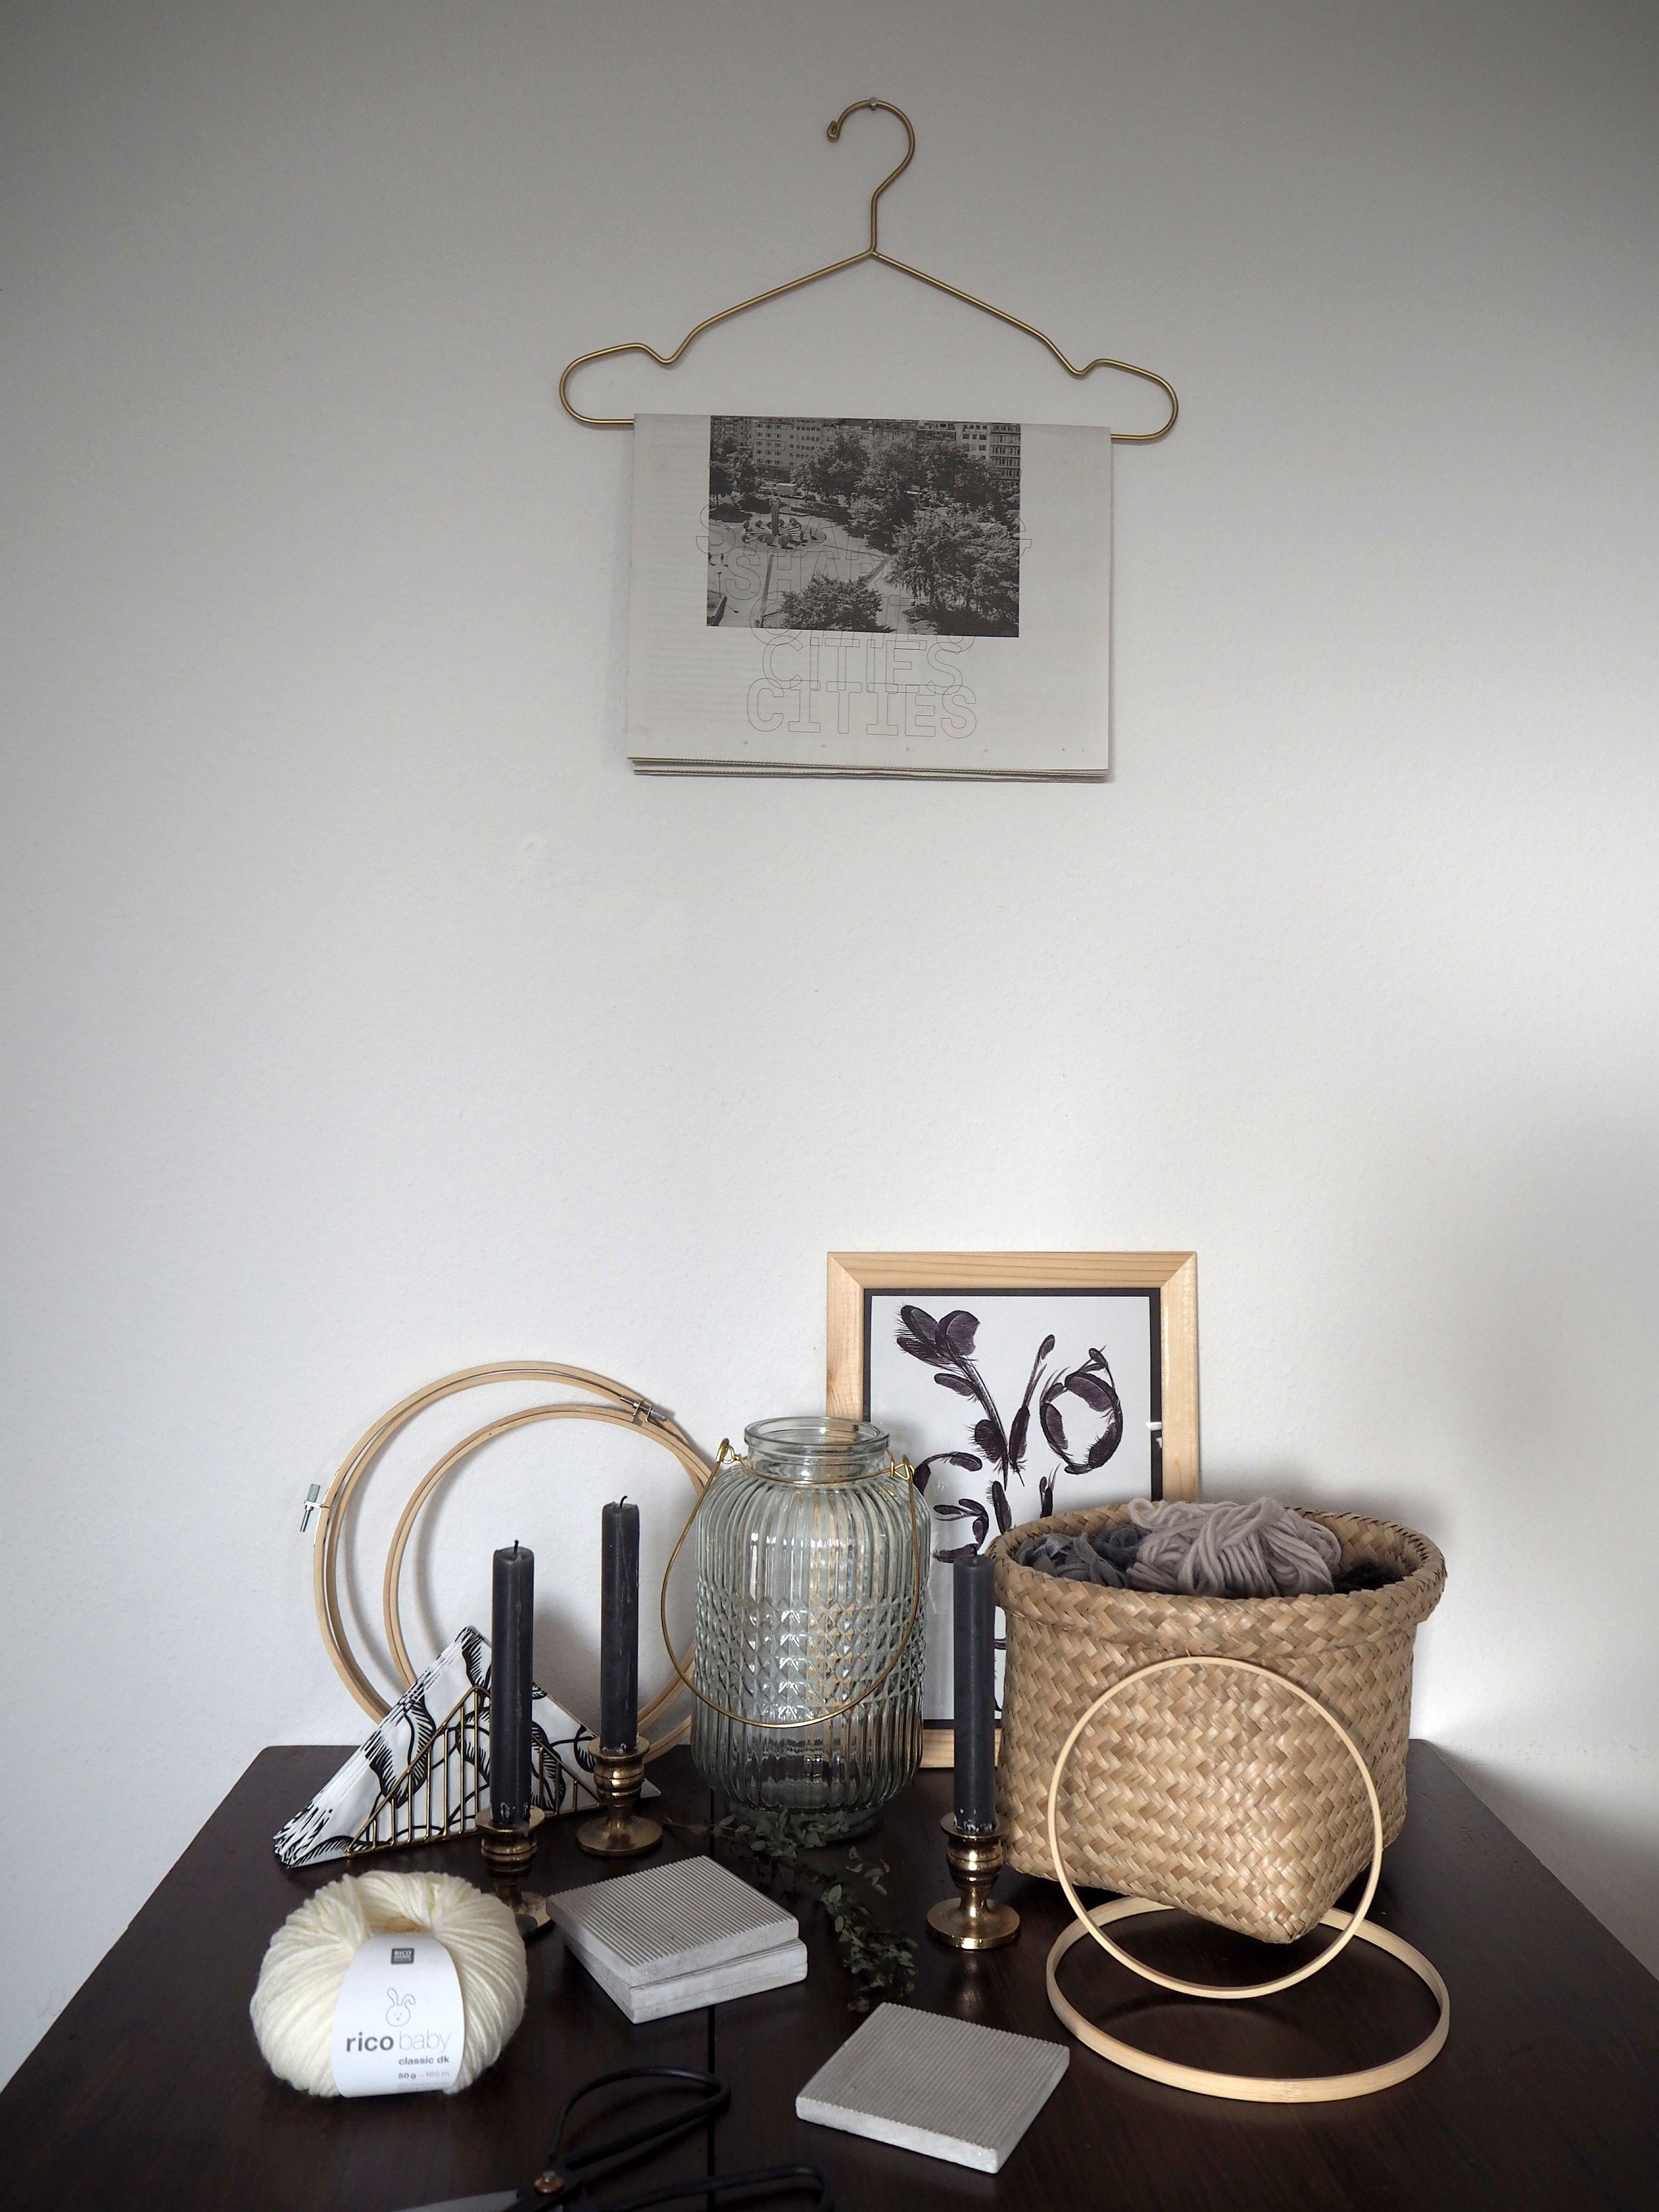 2018-01-skoen-och-kreativ-diy-interior-deko-wand-objekt-wall-hanging-skandi-stil (1)